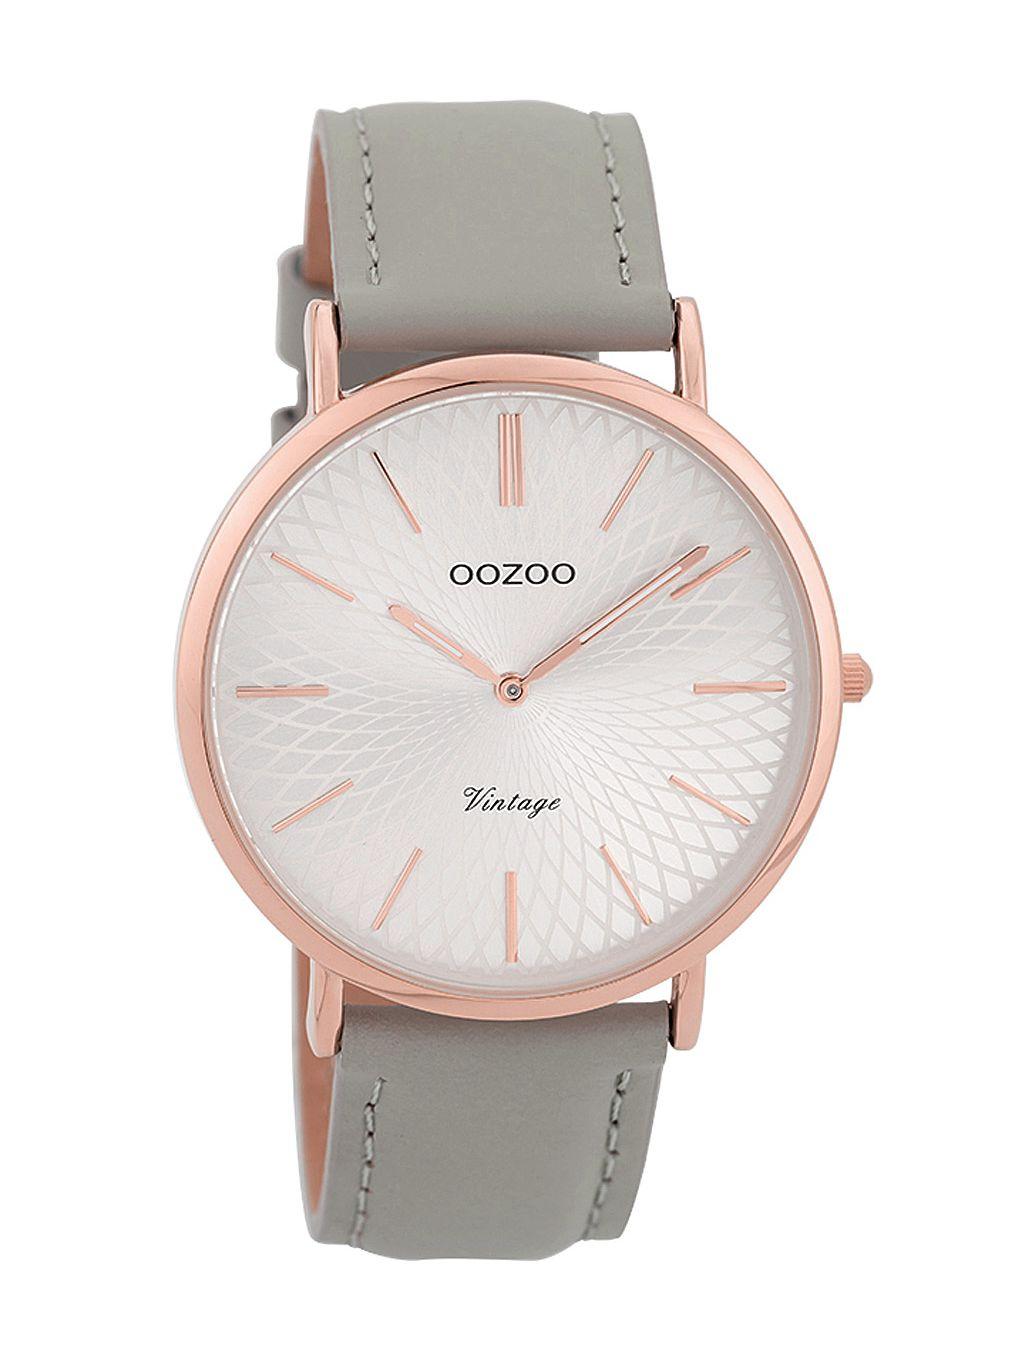 1c0287ea3 Oozoo Ladies' Watch Vintage Rose/Grey/Silver-Coloured 40 mm C9334